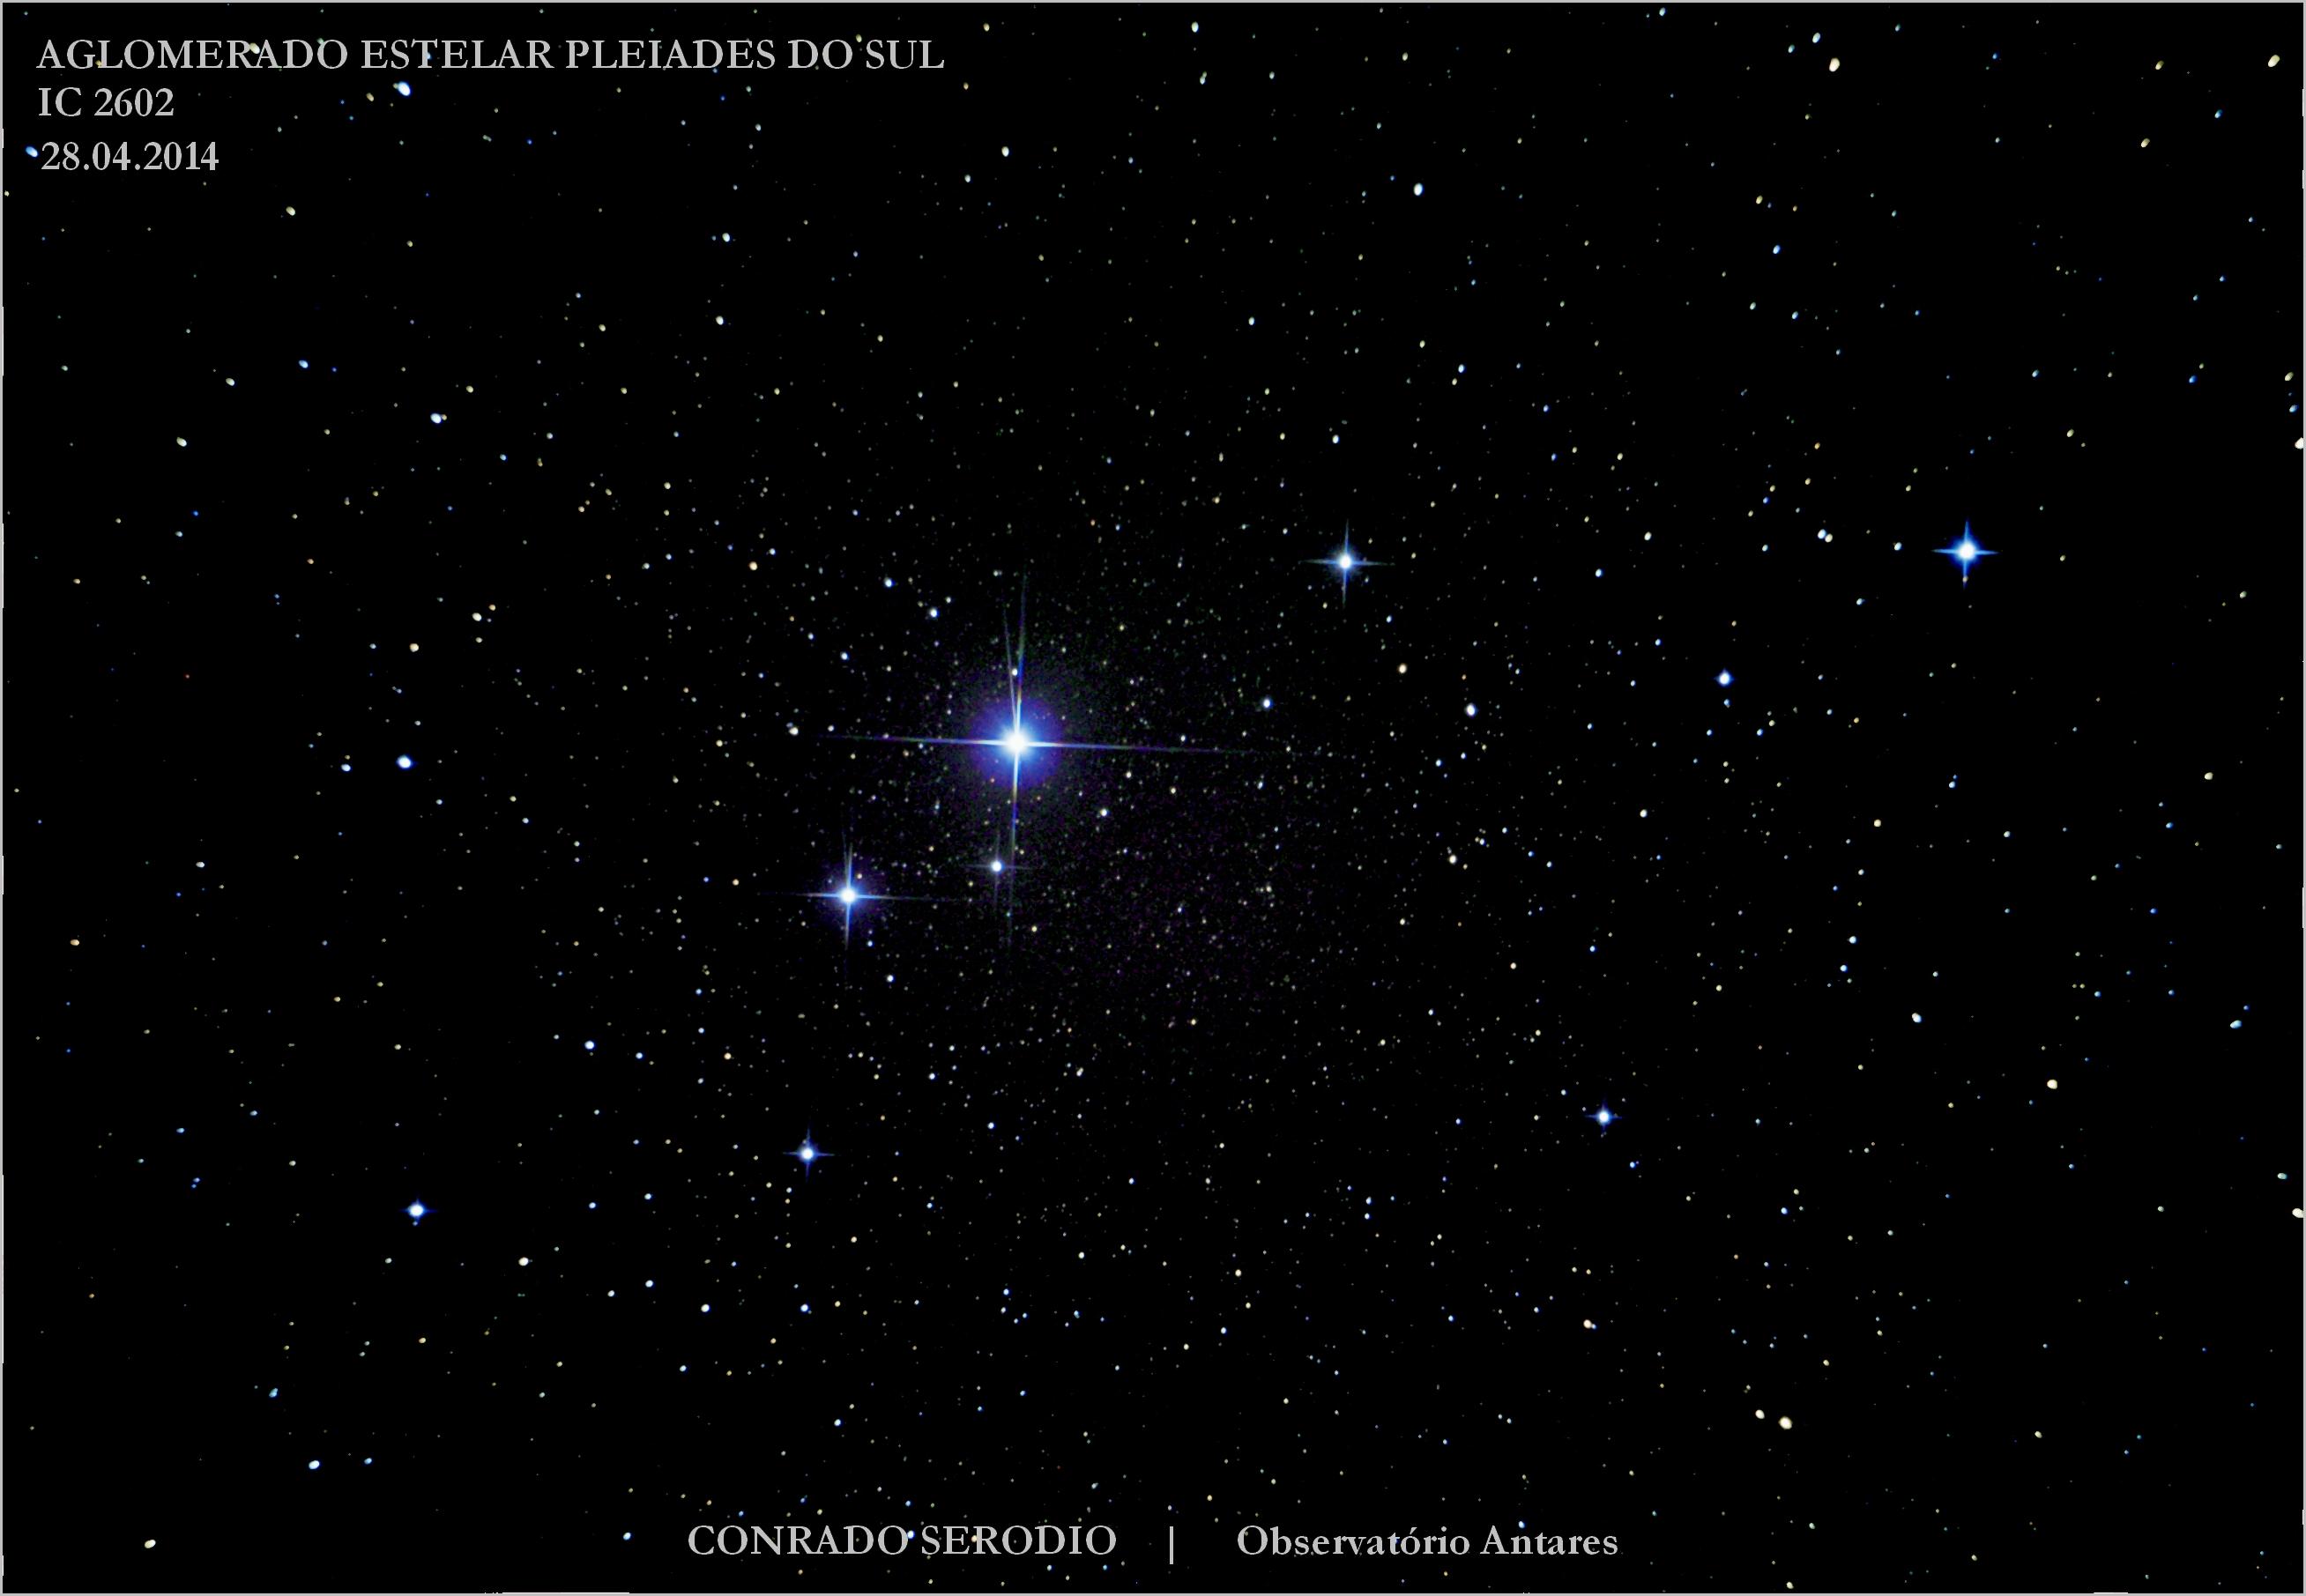 Pleiades do Sul 28 Abril 2014